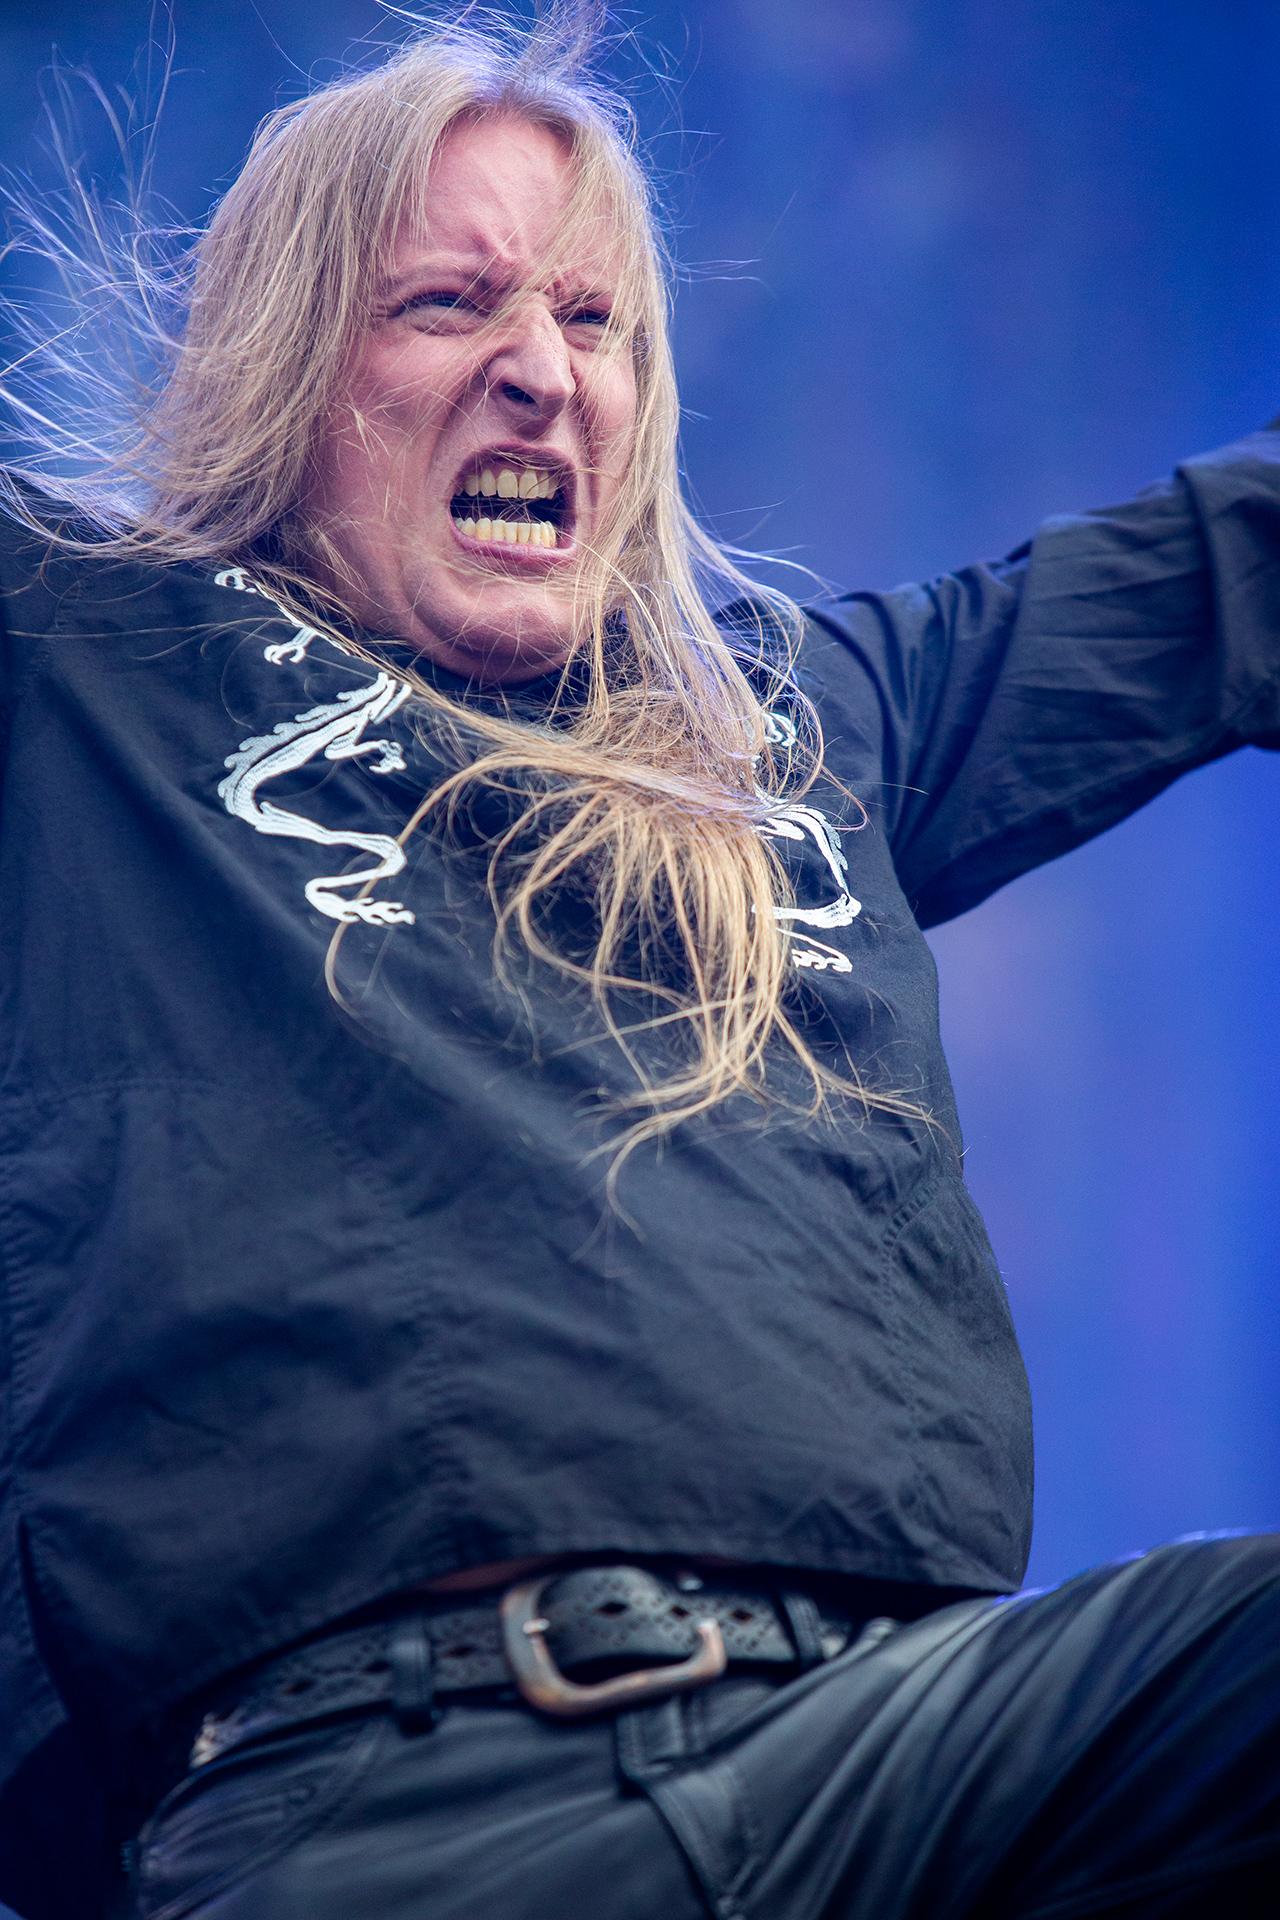 Jari Mäenpää, guitarist, vocalist, Wintersun band, Tuska metal festival